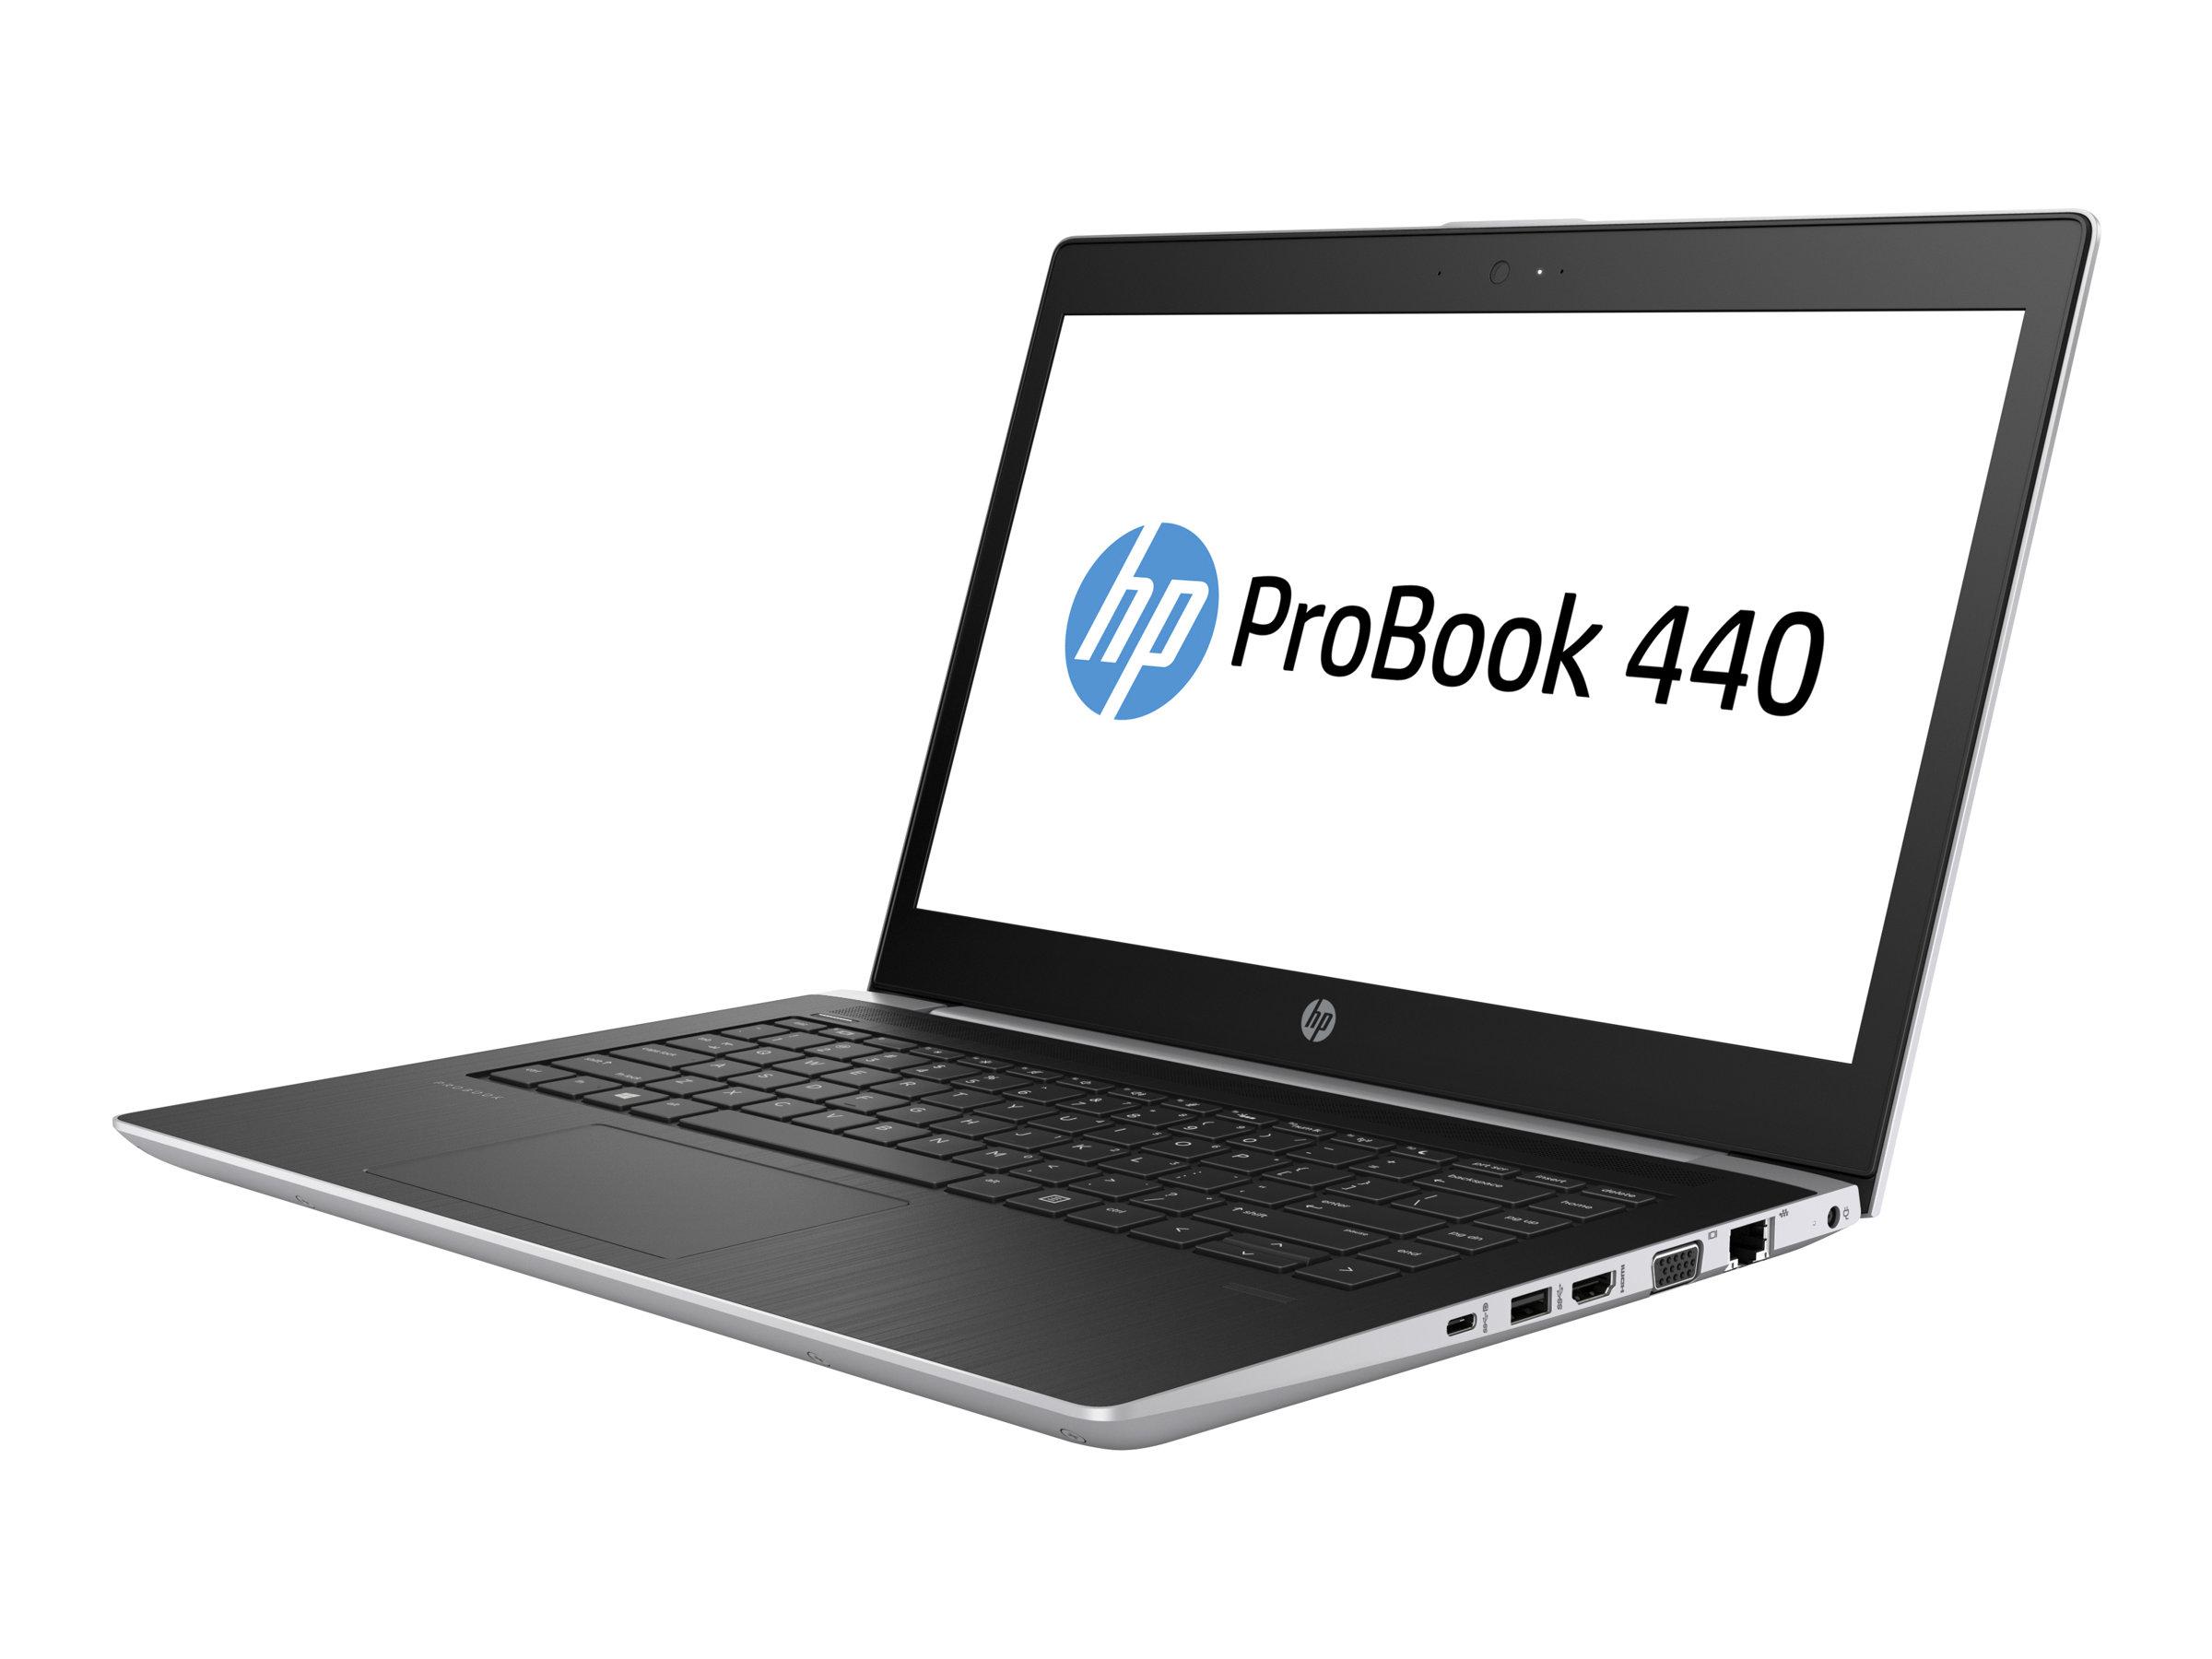 """HP ProBook 440 G5 - Win 10 Pro - Core i5-8250U / 1.6 GHz - 8 GB RAM - 256 GB SSD M.2 NVMe + 1 TB HDD - 35.56 cm (14"""") IPS - NVIDIA GeForce 930MX"""